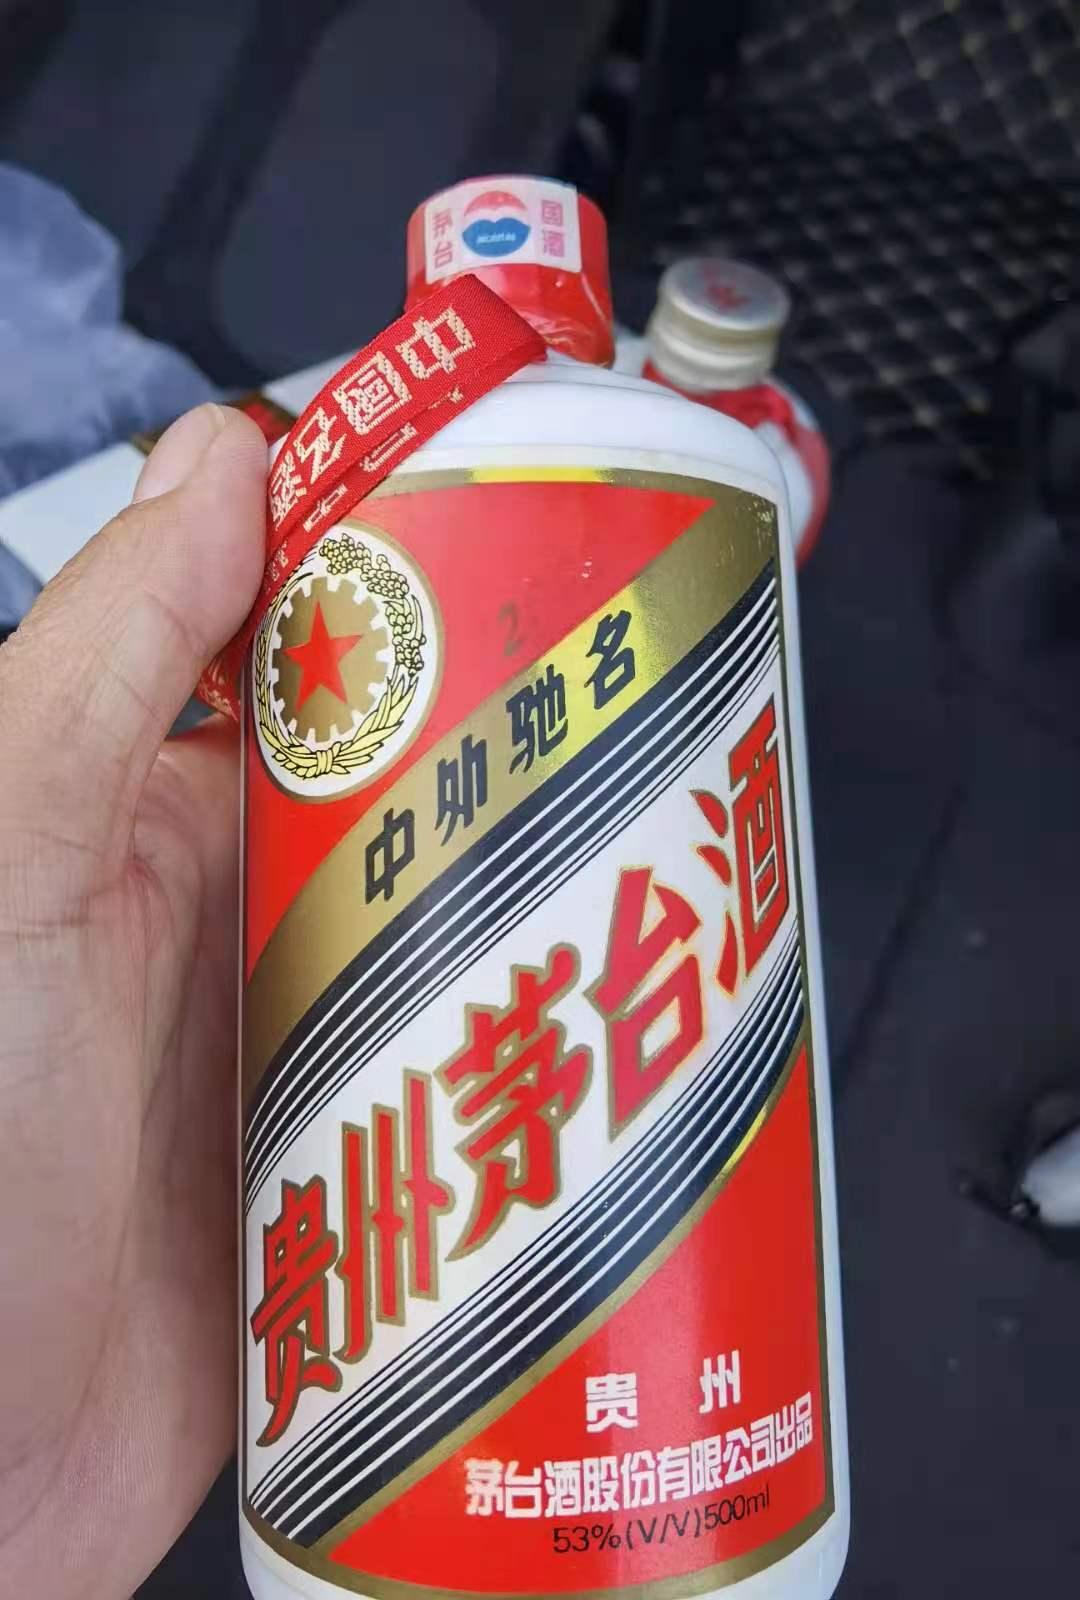 滨州回收50年茅台酒瓶【空瓶】 行情价格